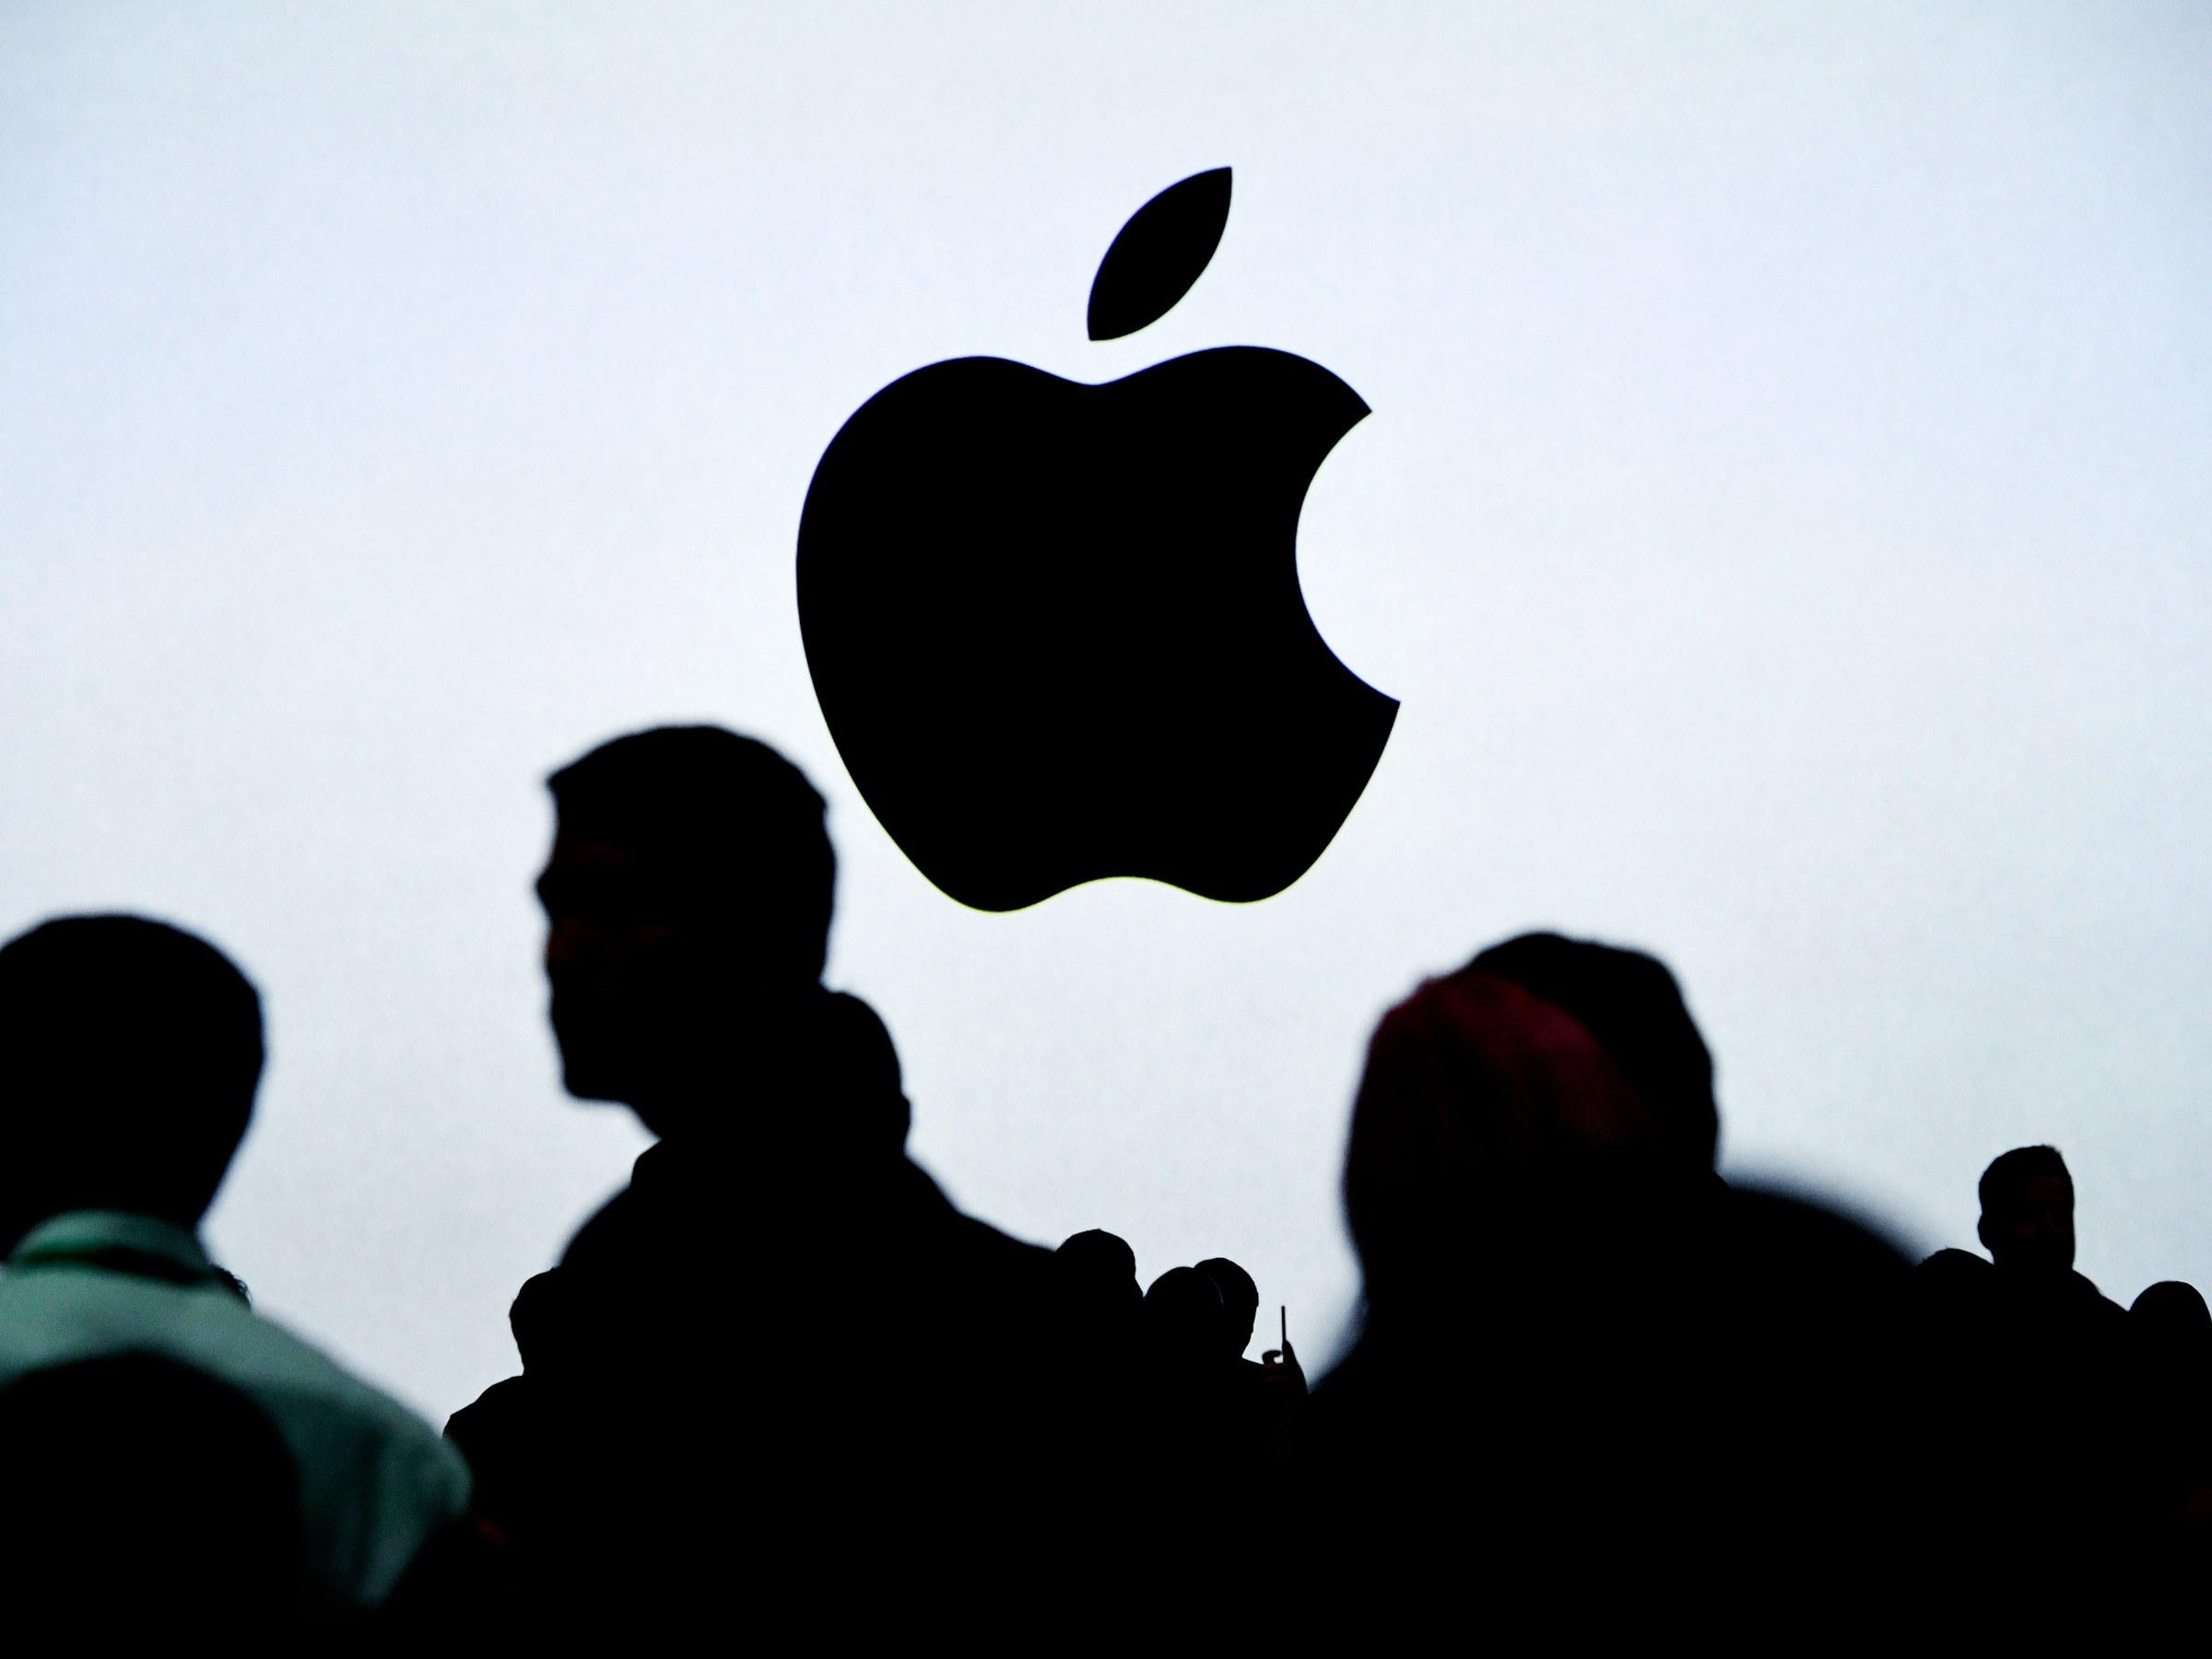 Apple benzer logolu şirketlere dava açtı!